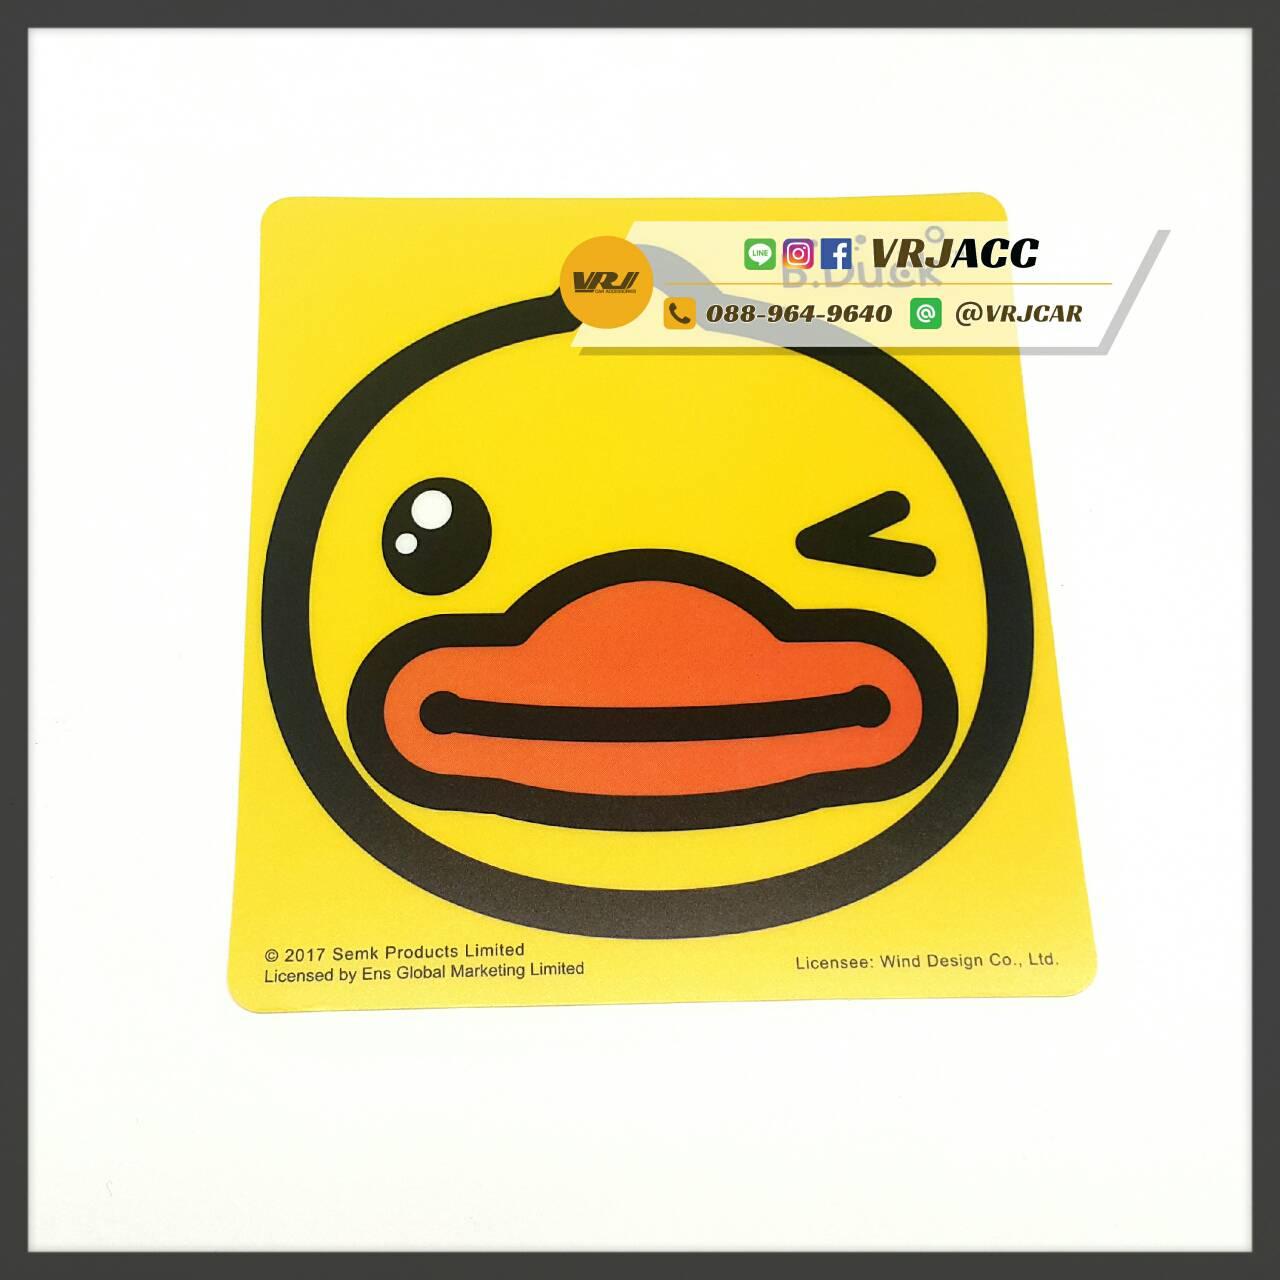 พรบ สูญญากาศ เป็ดเหลือง B Duck เป็ดเหลือง